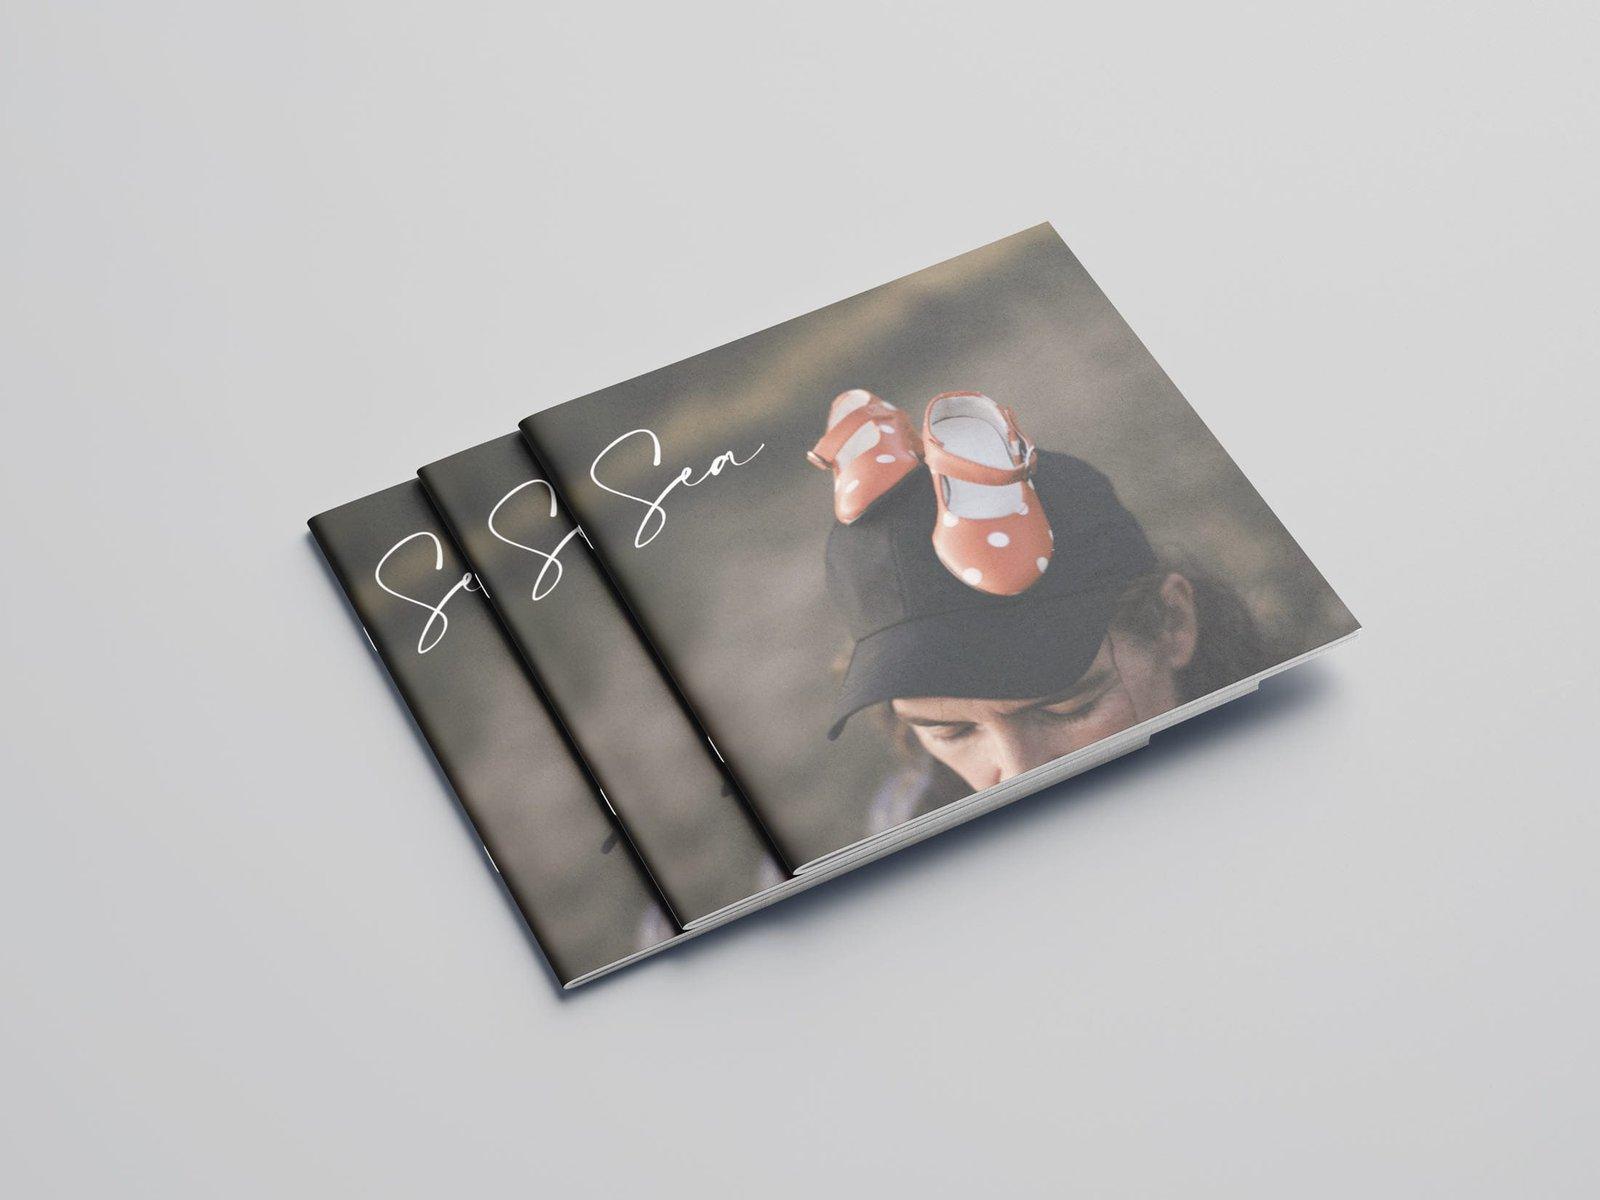 Diseño gráfico de la portada del album de la compositora Itziar Madariaga